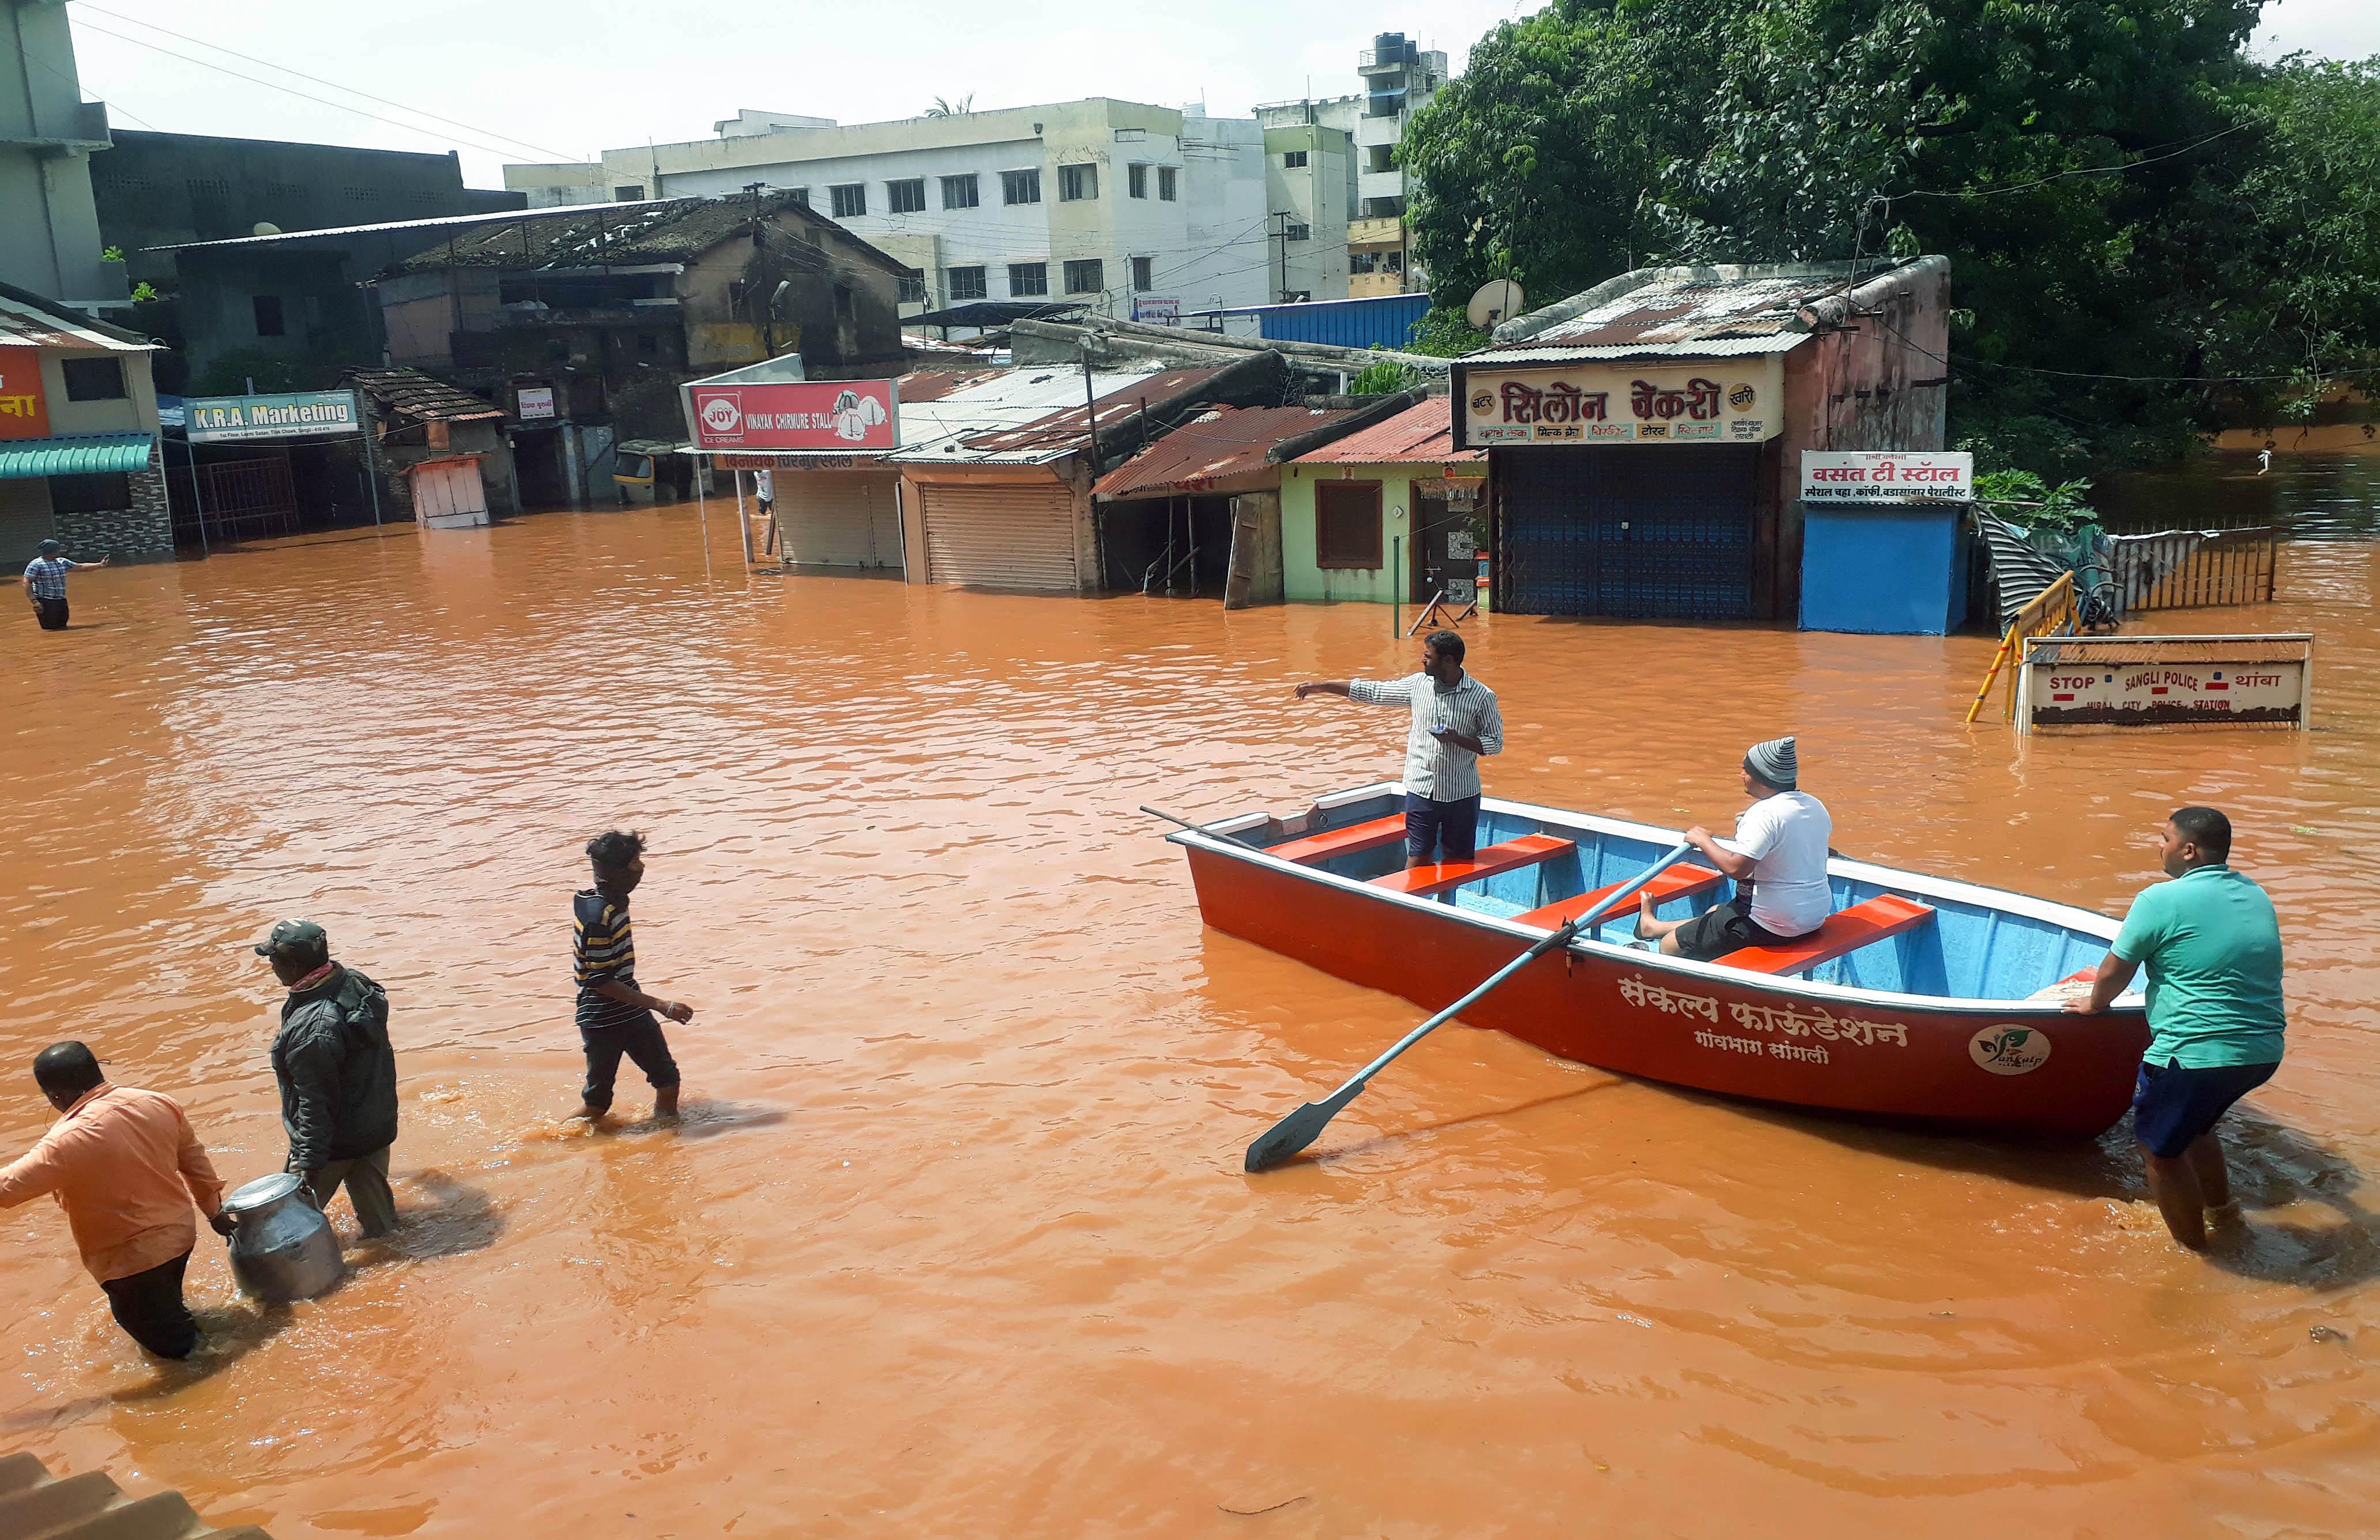 कृष्णा नदी के उफनने से सांग्ली जिले के इलाकों में बाढ़ से लोगों को बचाते स्थानीय कार्यकर्ता।